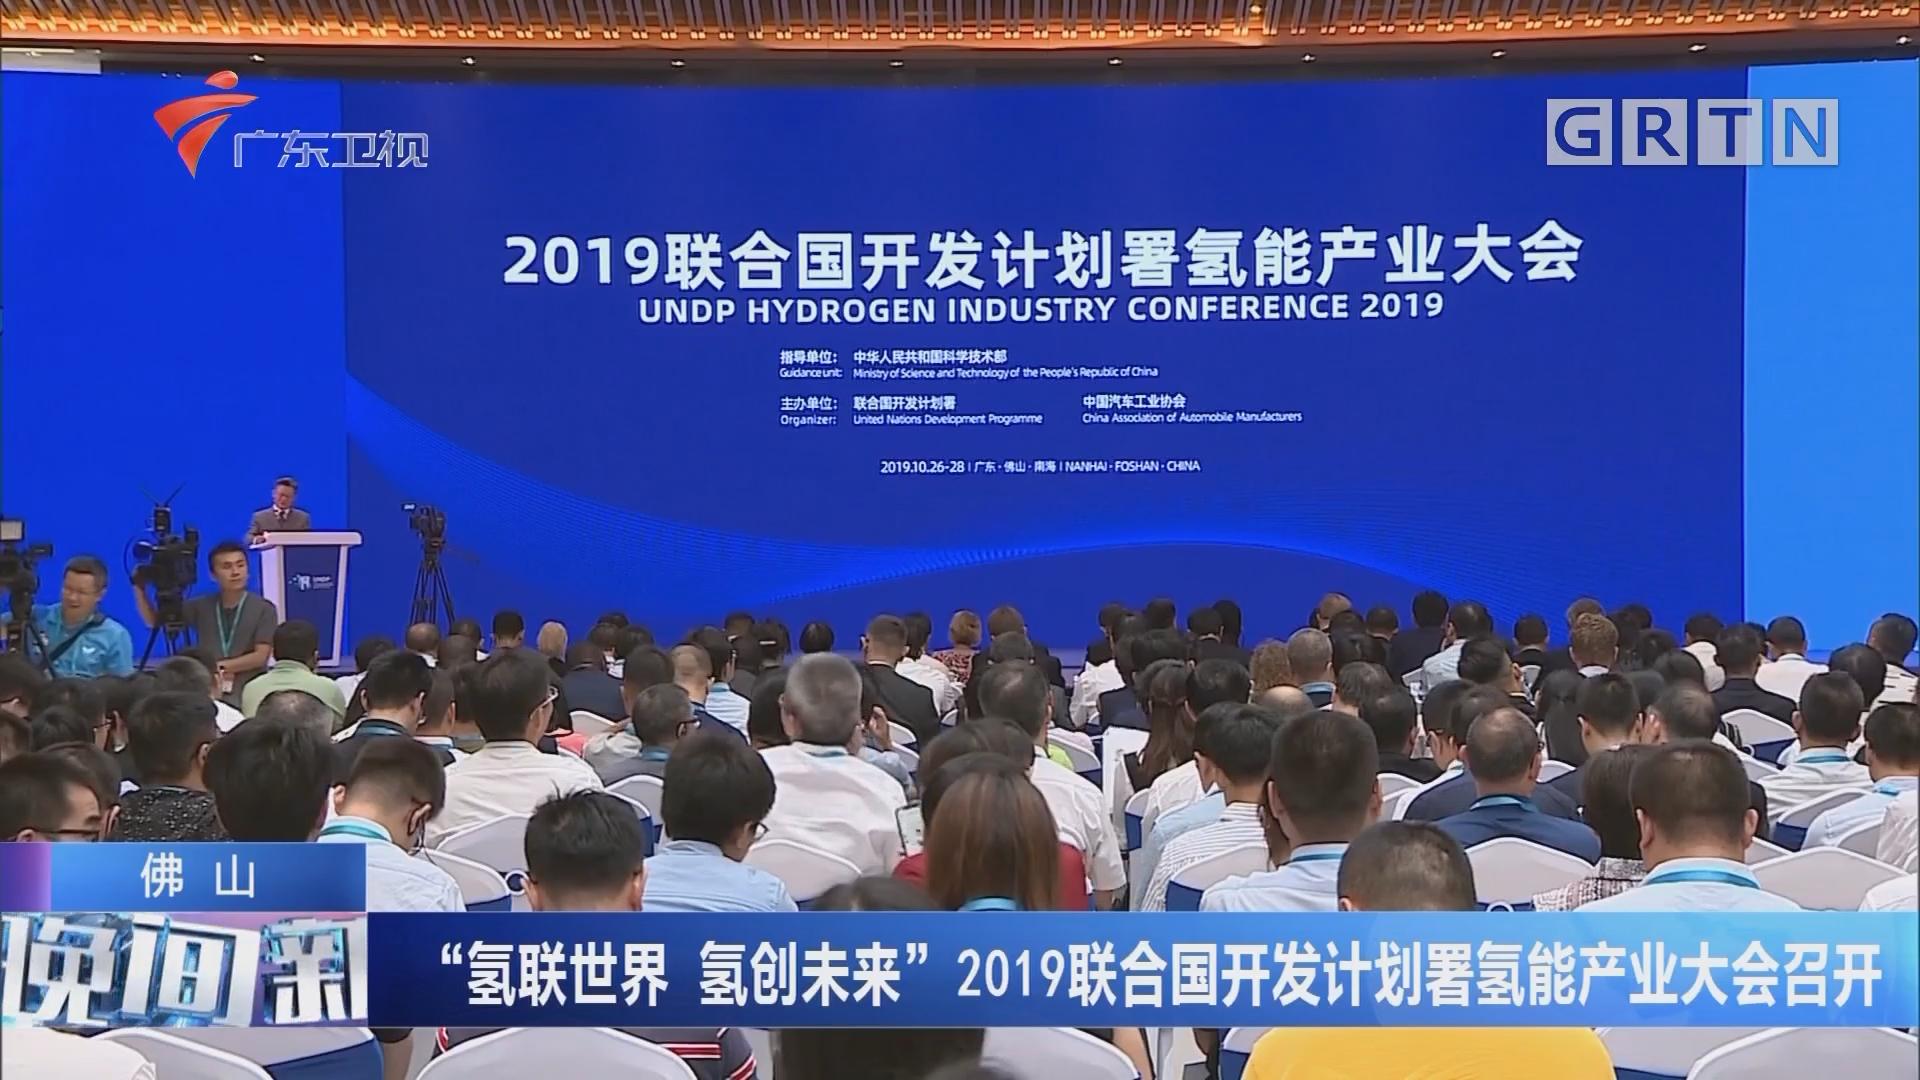 """佛山 """"氢联世界 氢创未来""""2019联合国开发计划署氢能产业大会召开"""